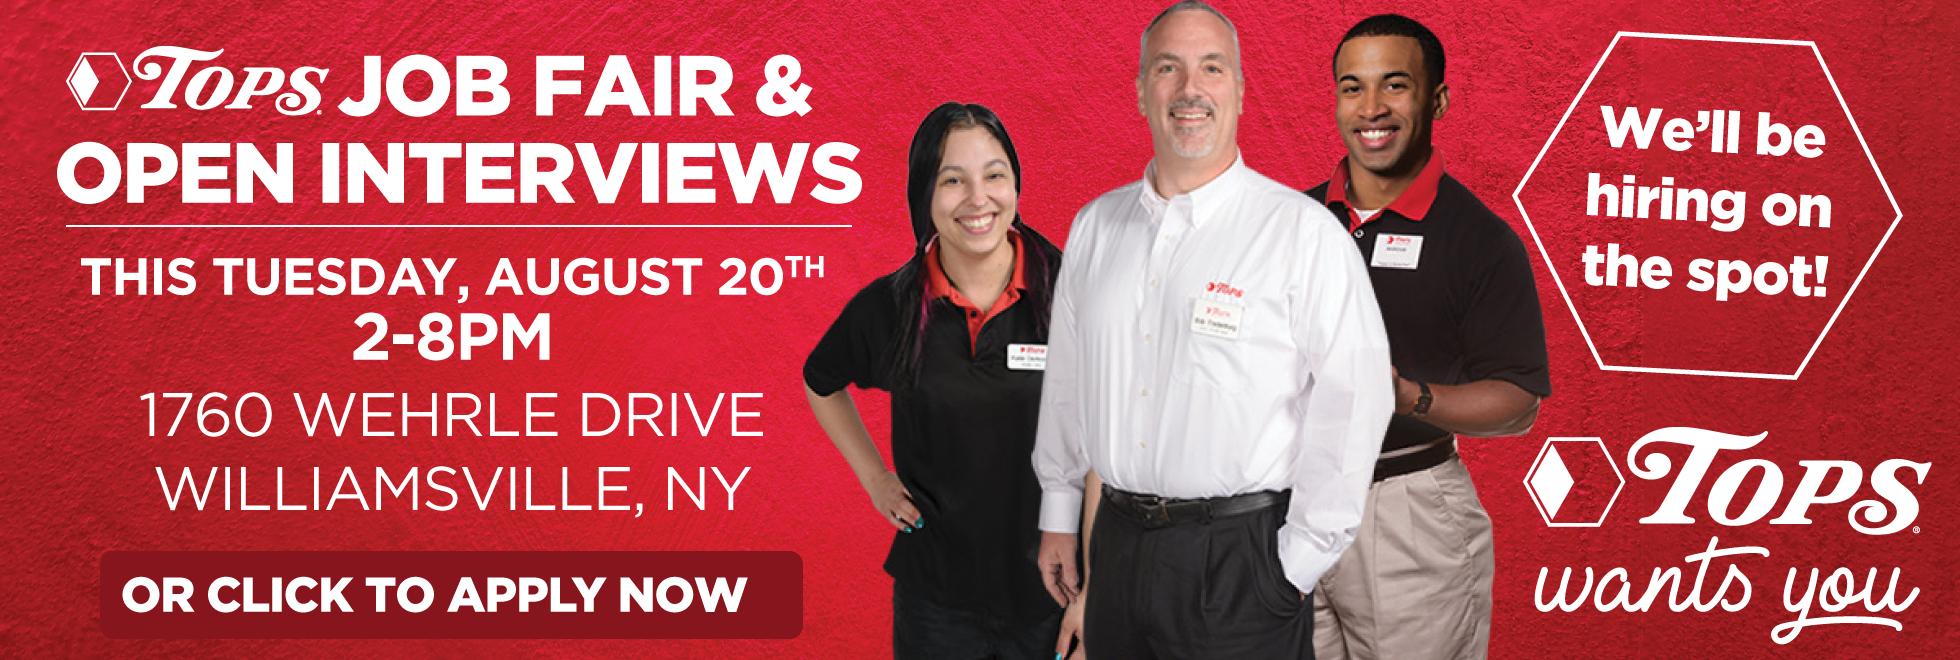 Tops Job Fair Tuesday August 20th